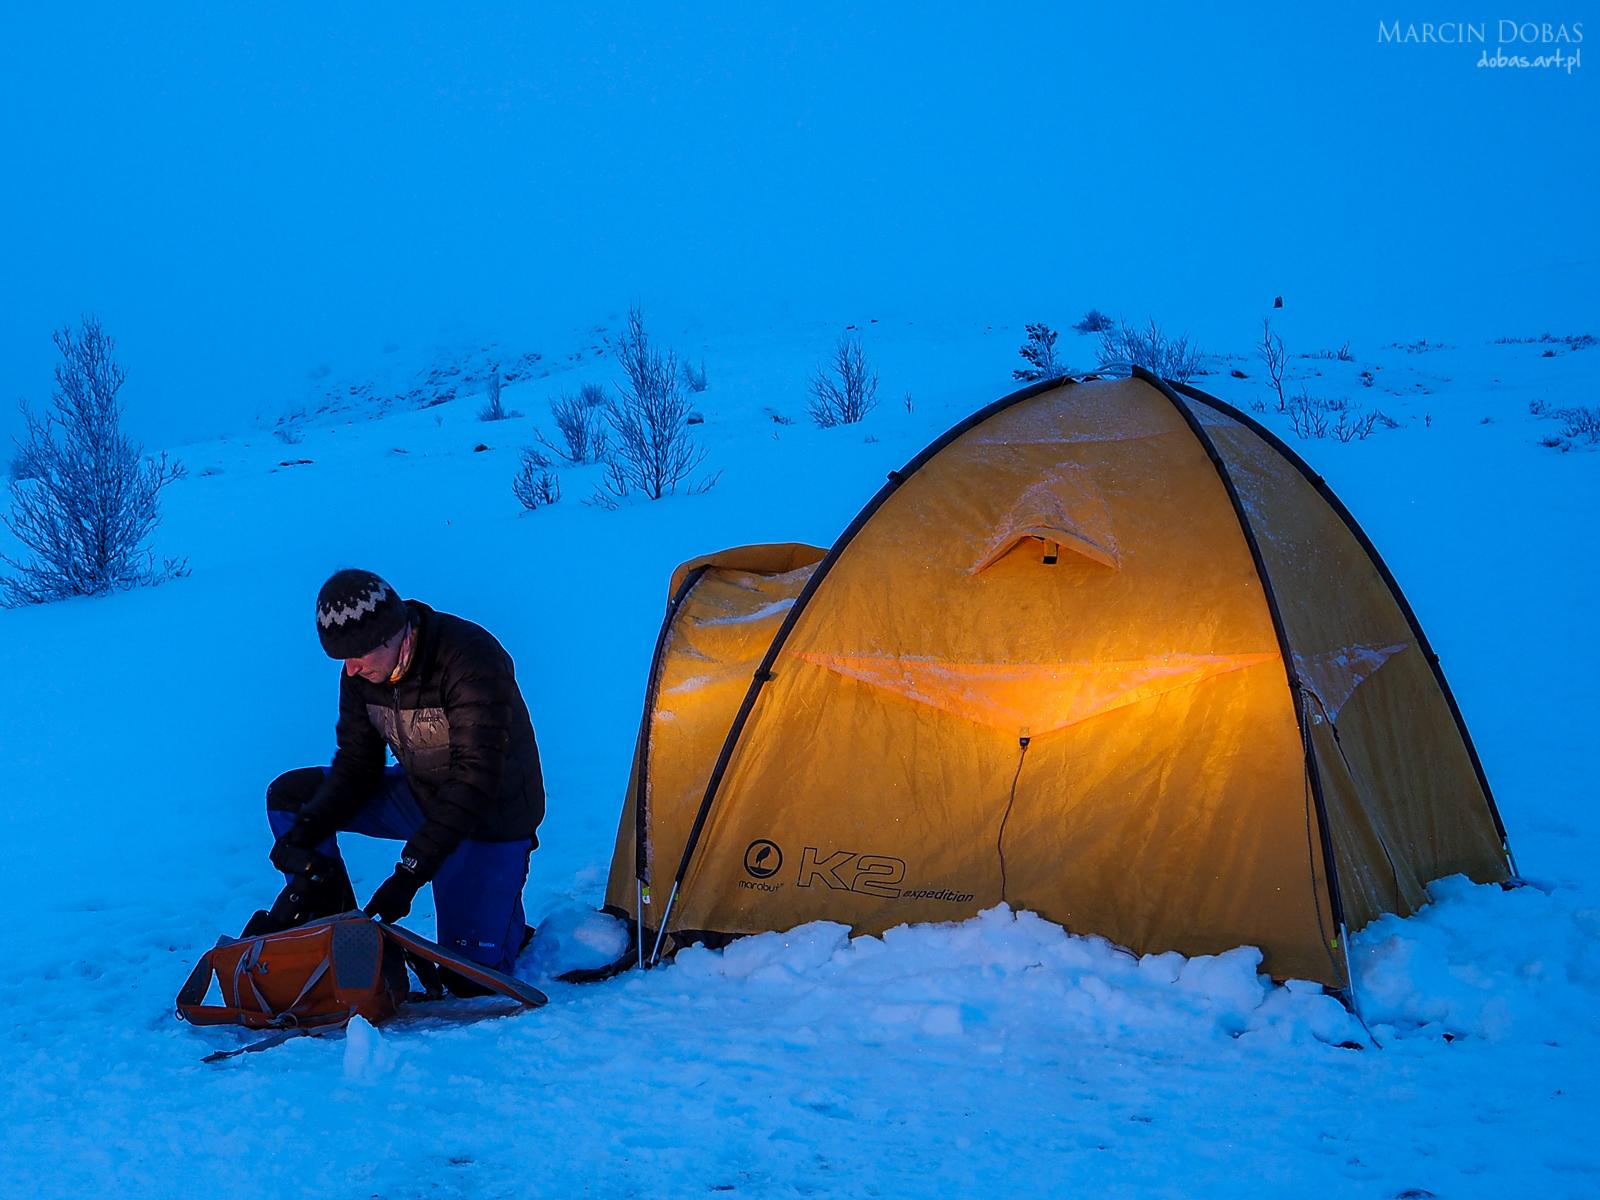 Marabut K2 Expedition, Marmot  Ares i Lowepro Flipside Sport